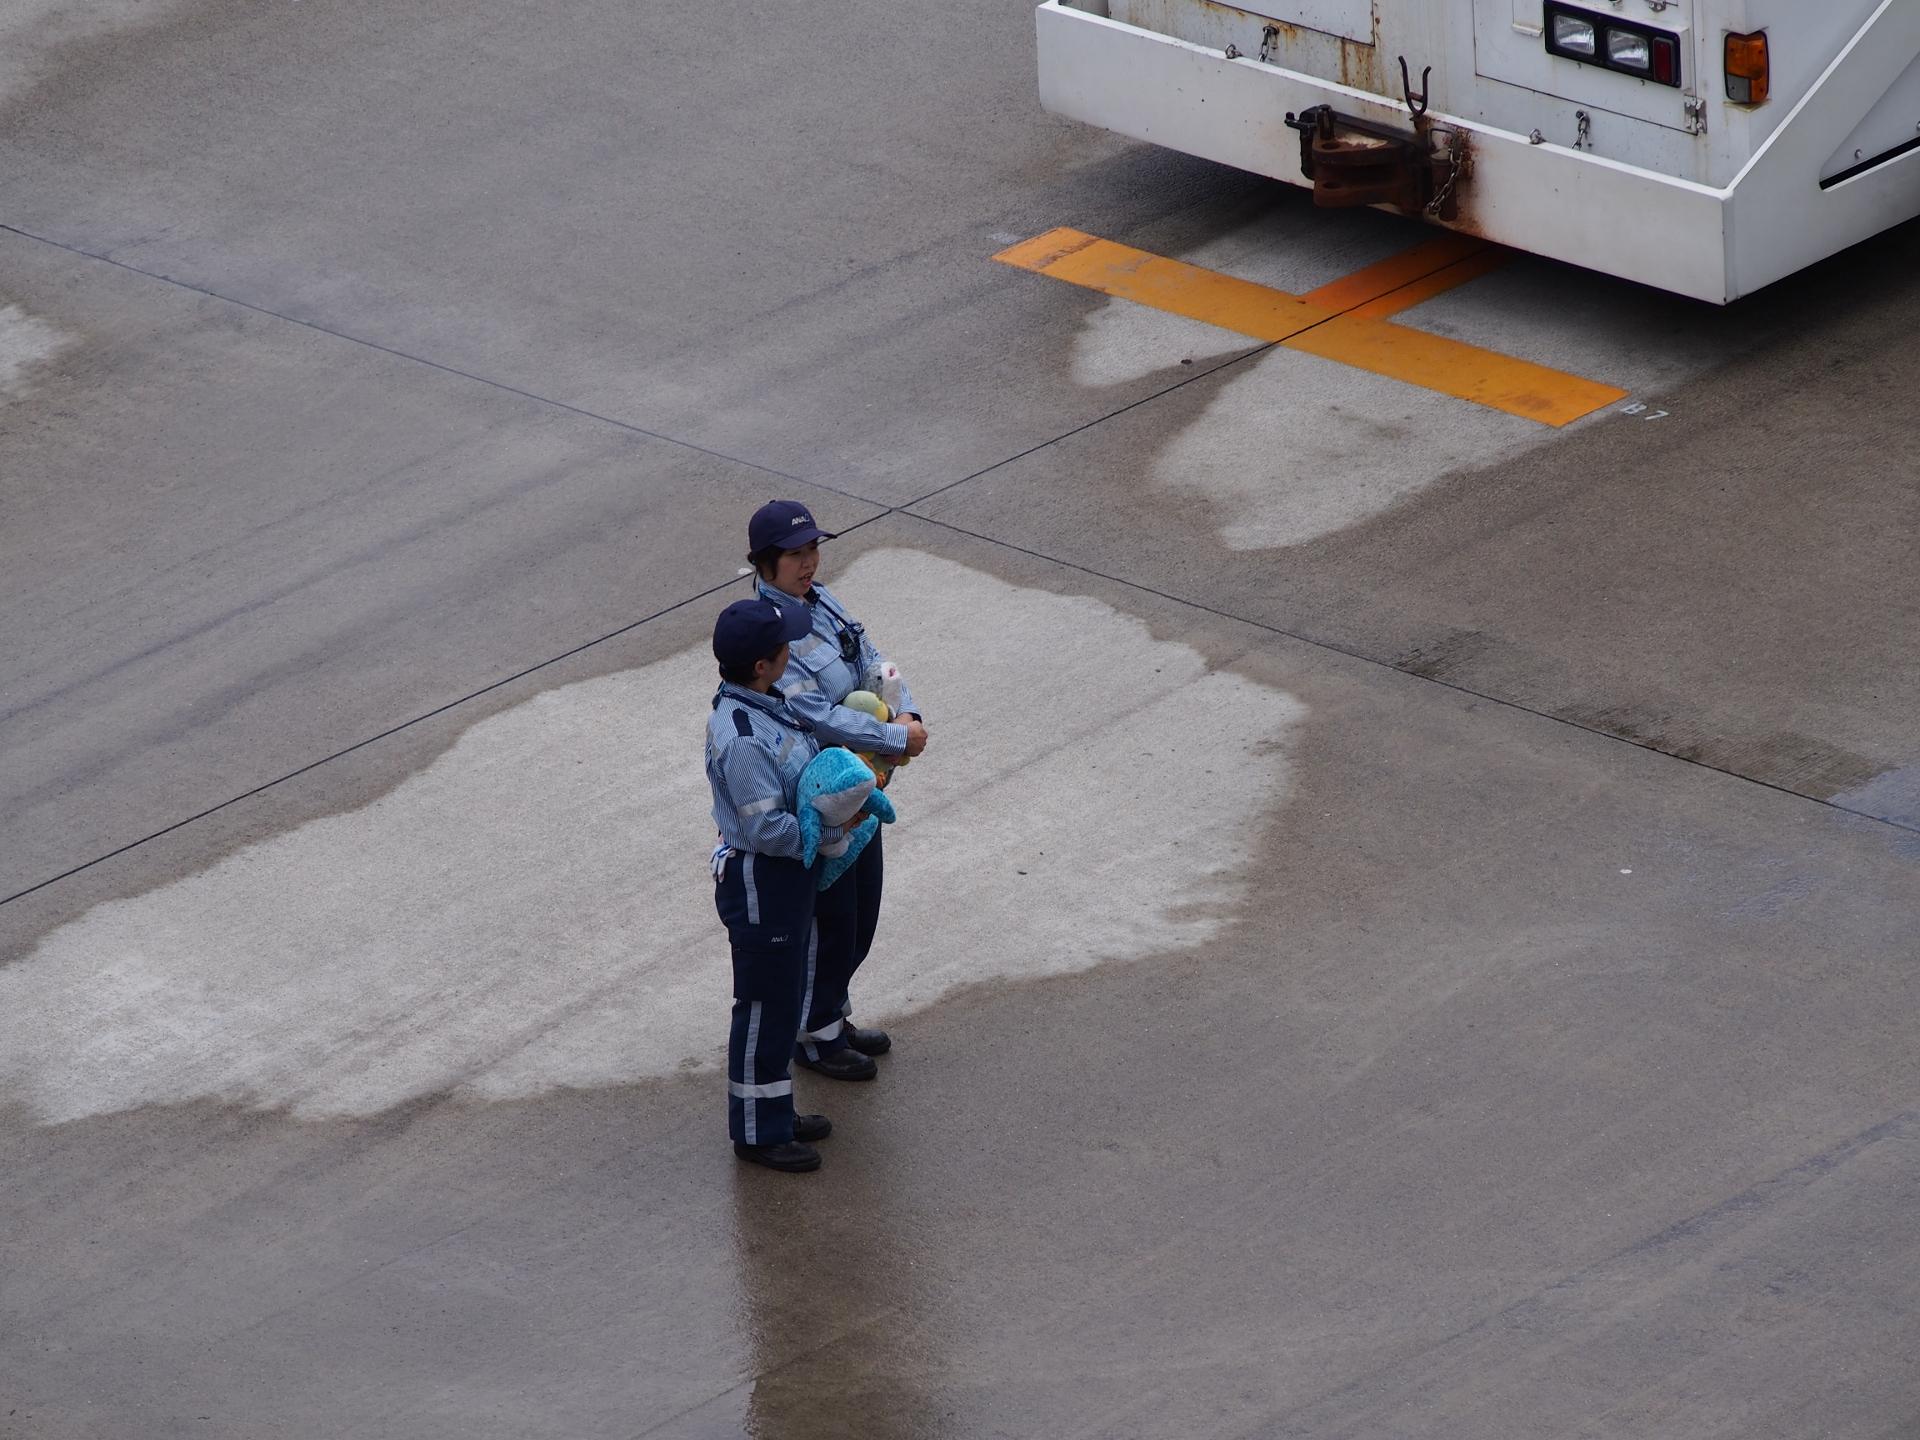 ソラシド・エア機のお見送りです。